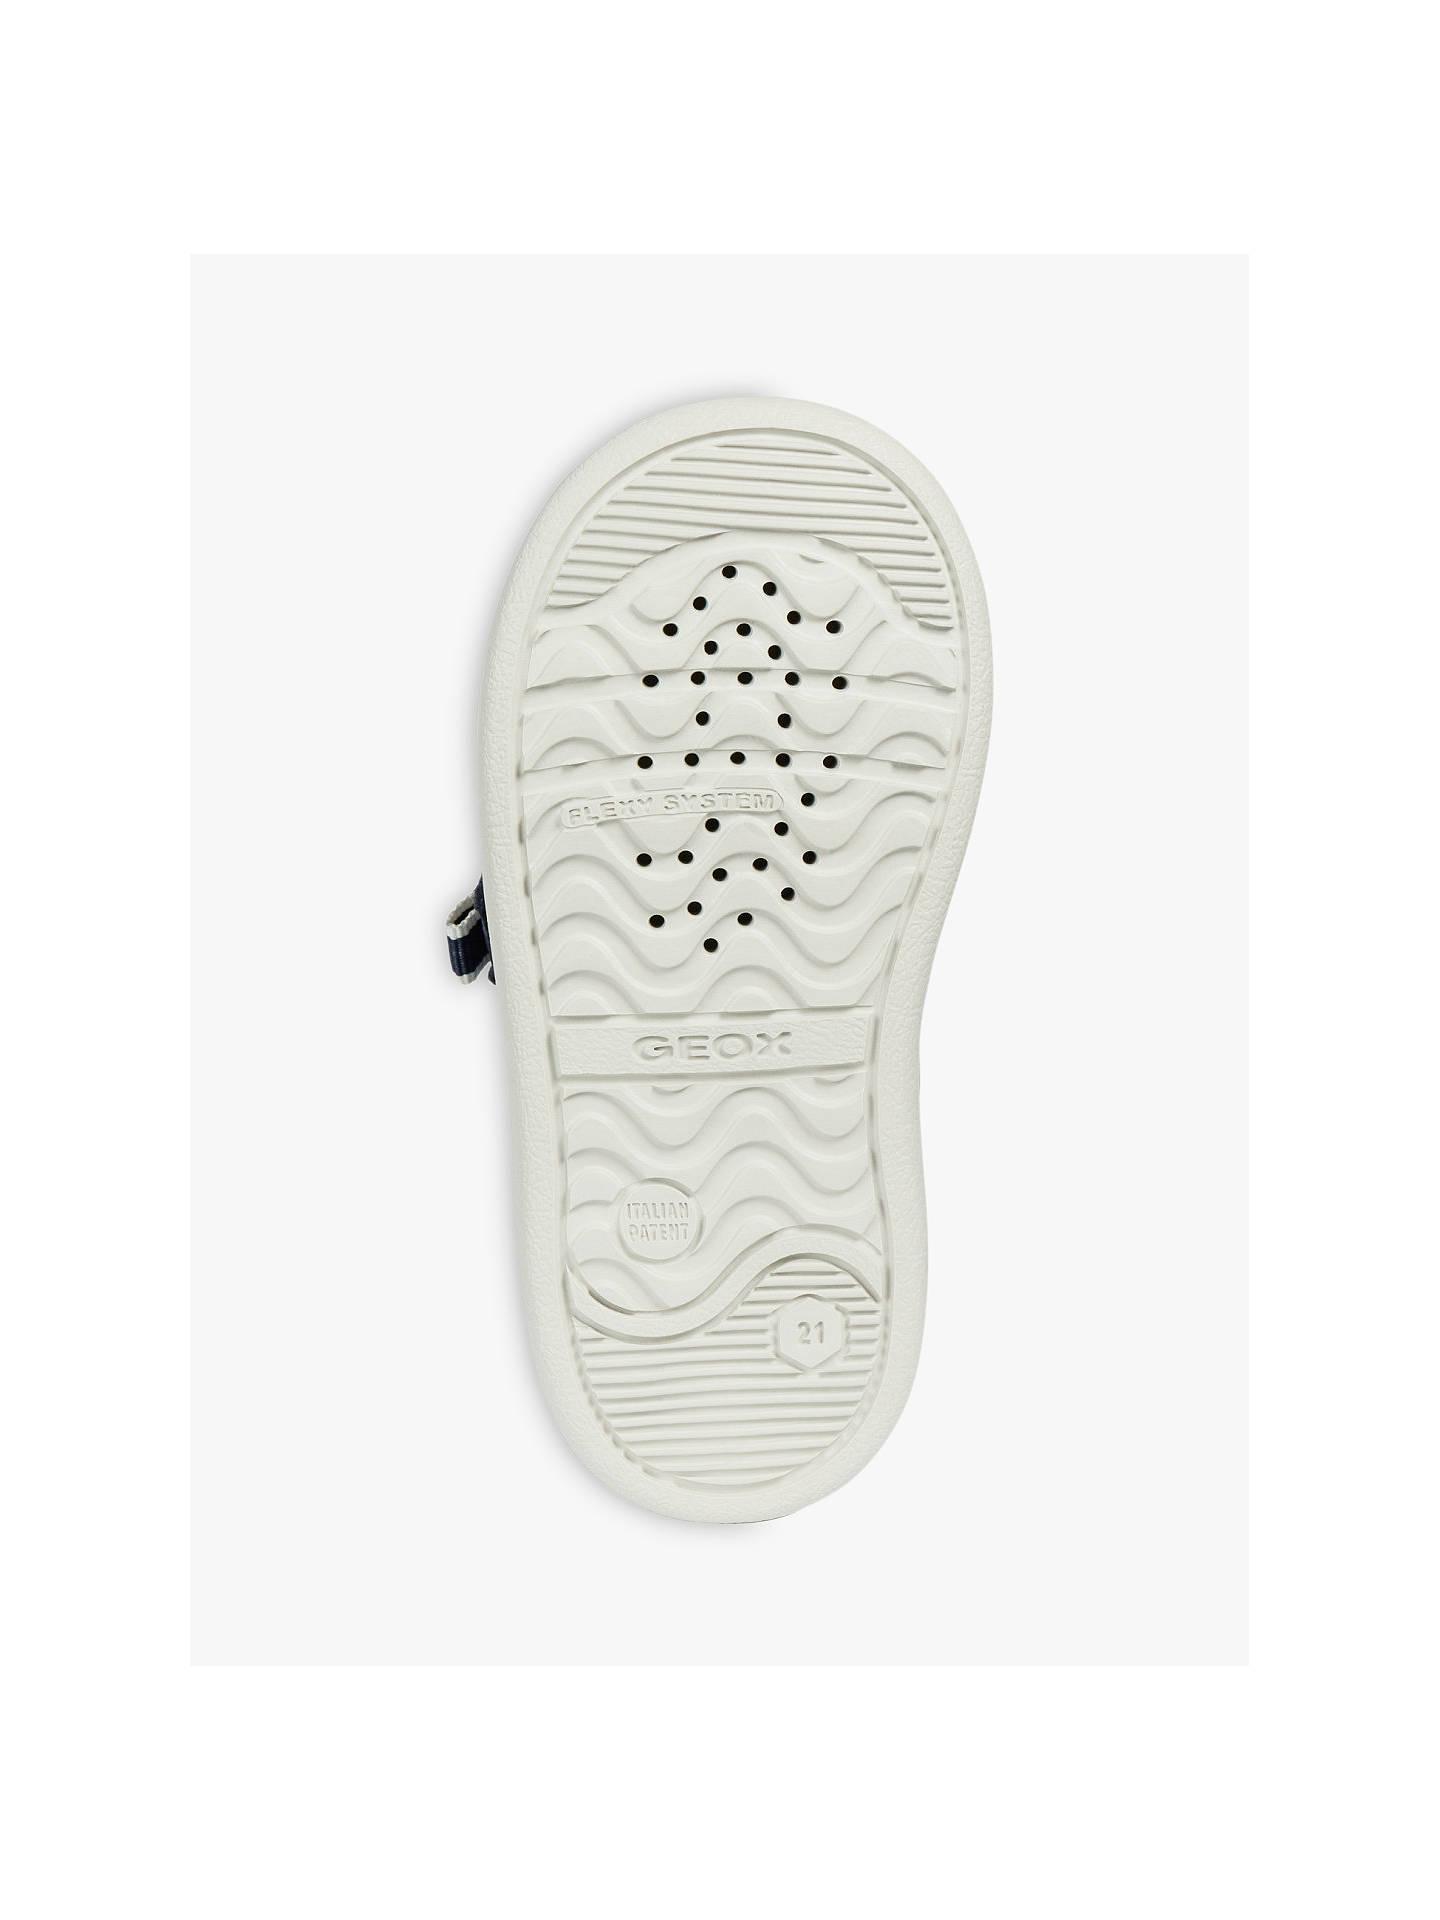 klare Textur Entdecken heiße Produkte Geox Children's DJ Rock Boat Shoes, Navy at John Lewis ...